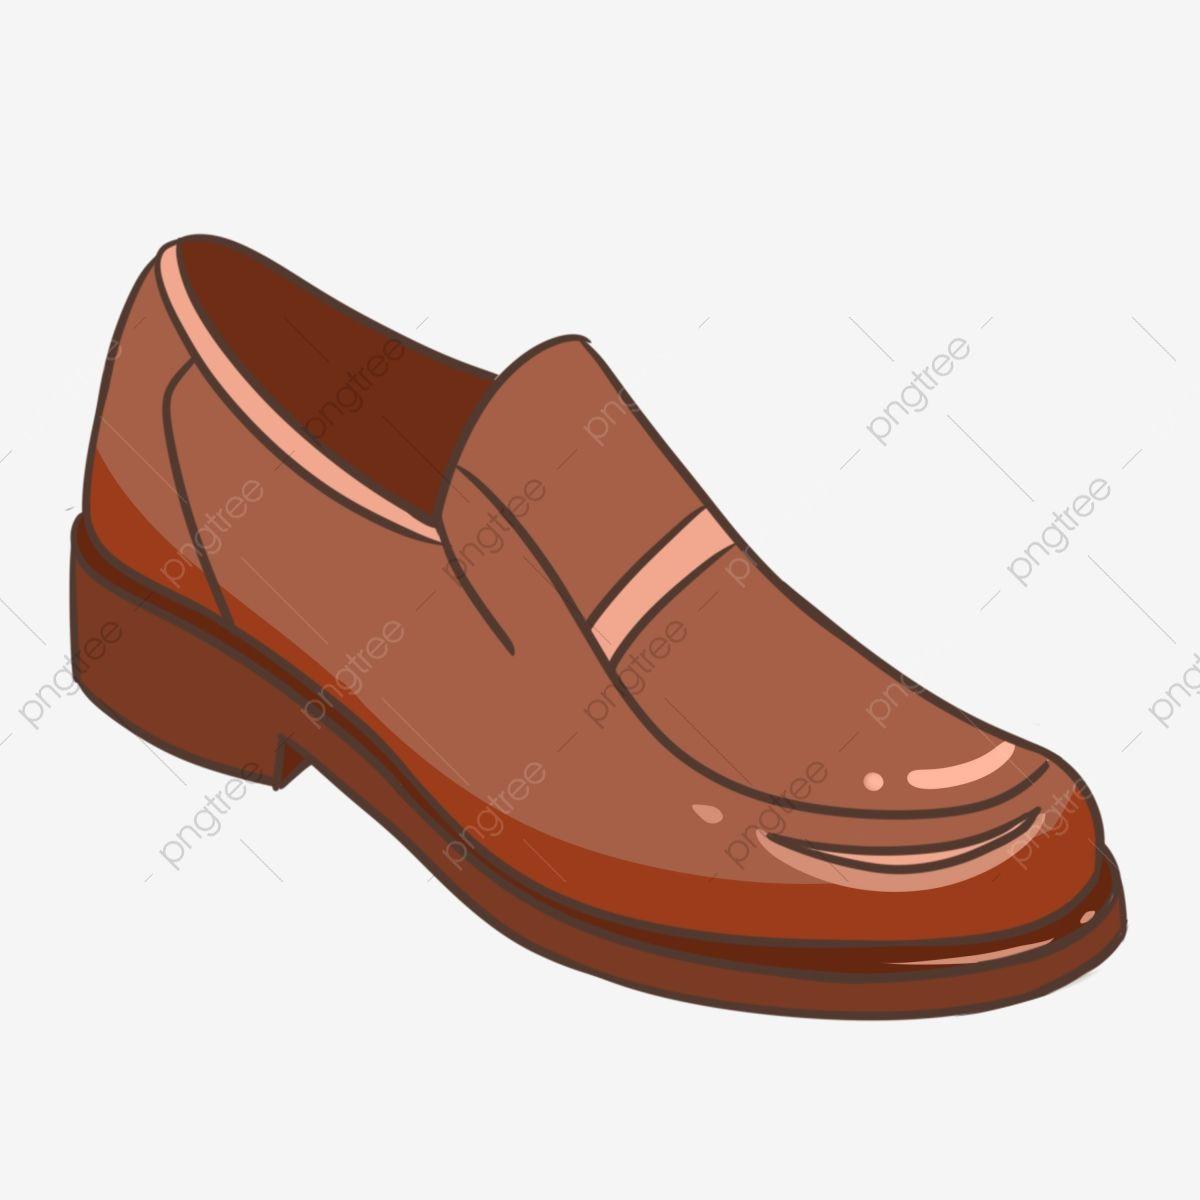 Zapatos De Cuero Marron Zapatos De Piel De Cocodrilo Zapatos De Cuero De Lujo Ilustracion De Dibujos Animados Ilustracion De Zapatos De Cuero De Lujo Zapatos Zapatos De Cuero Zapatos